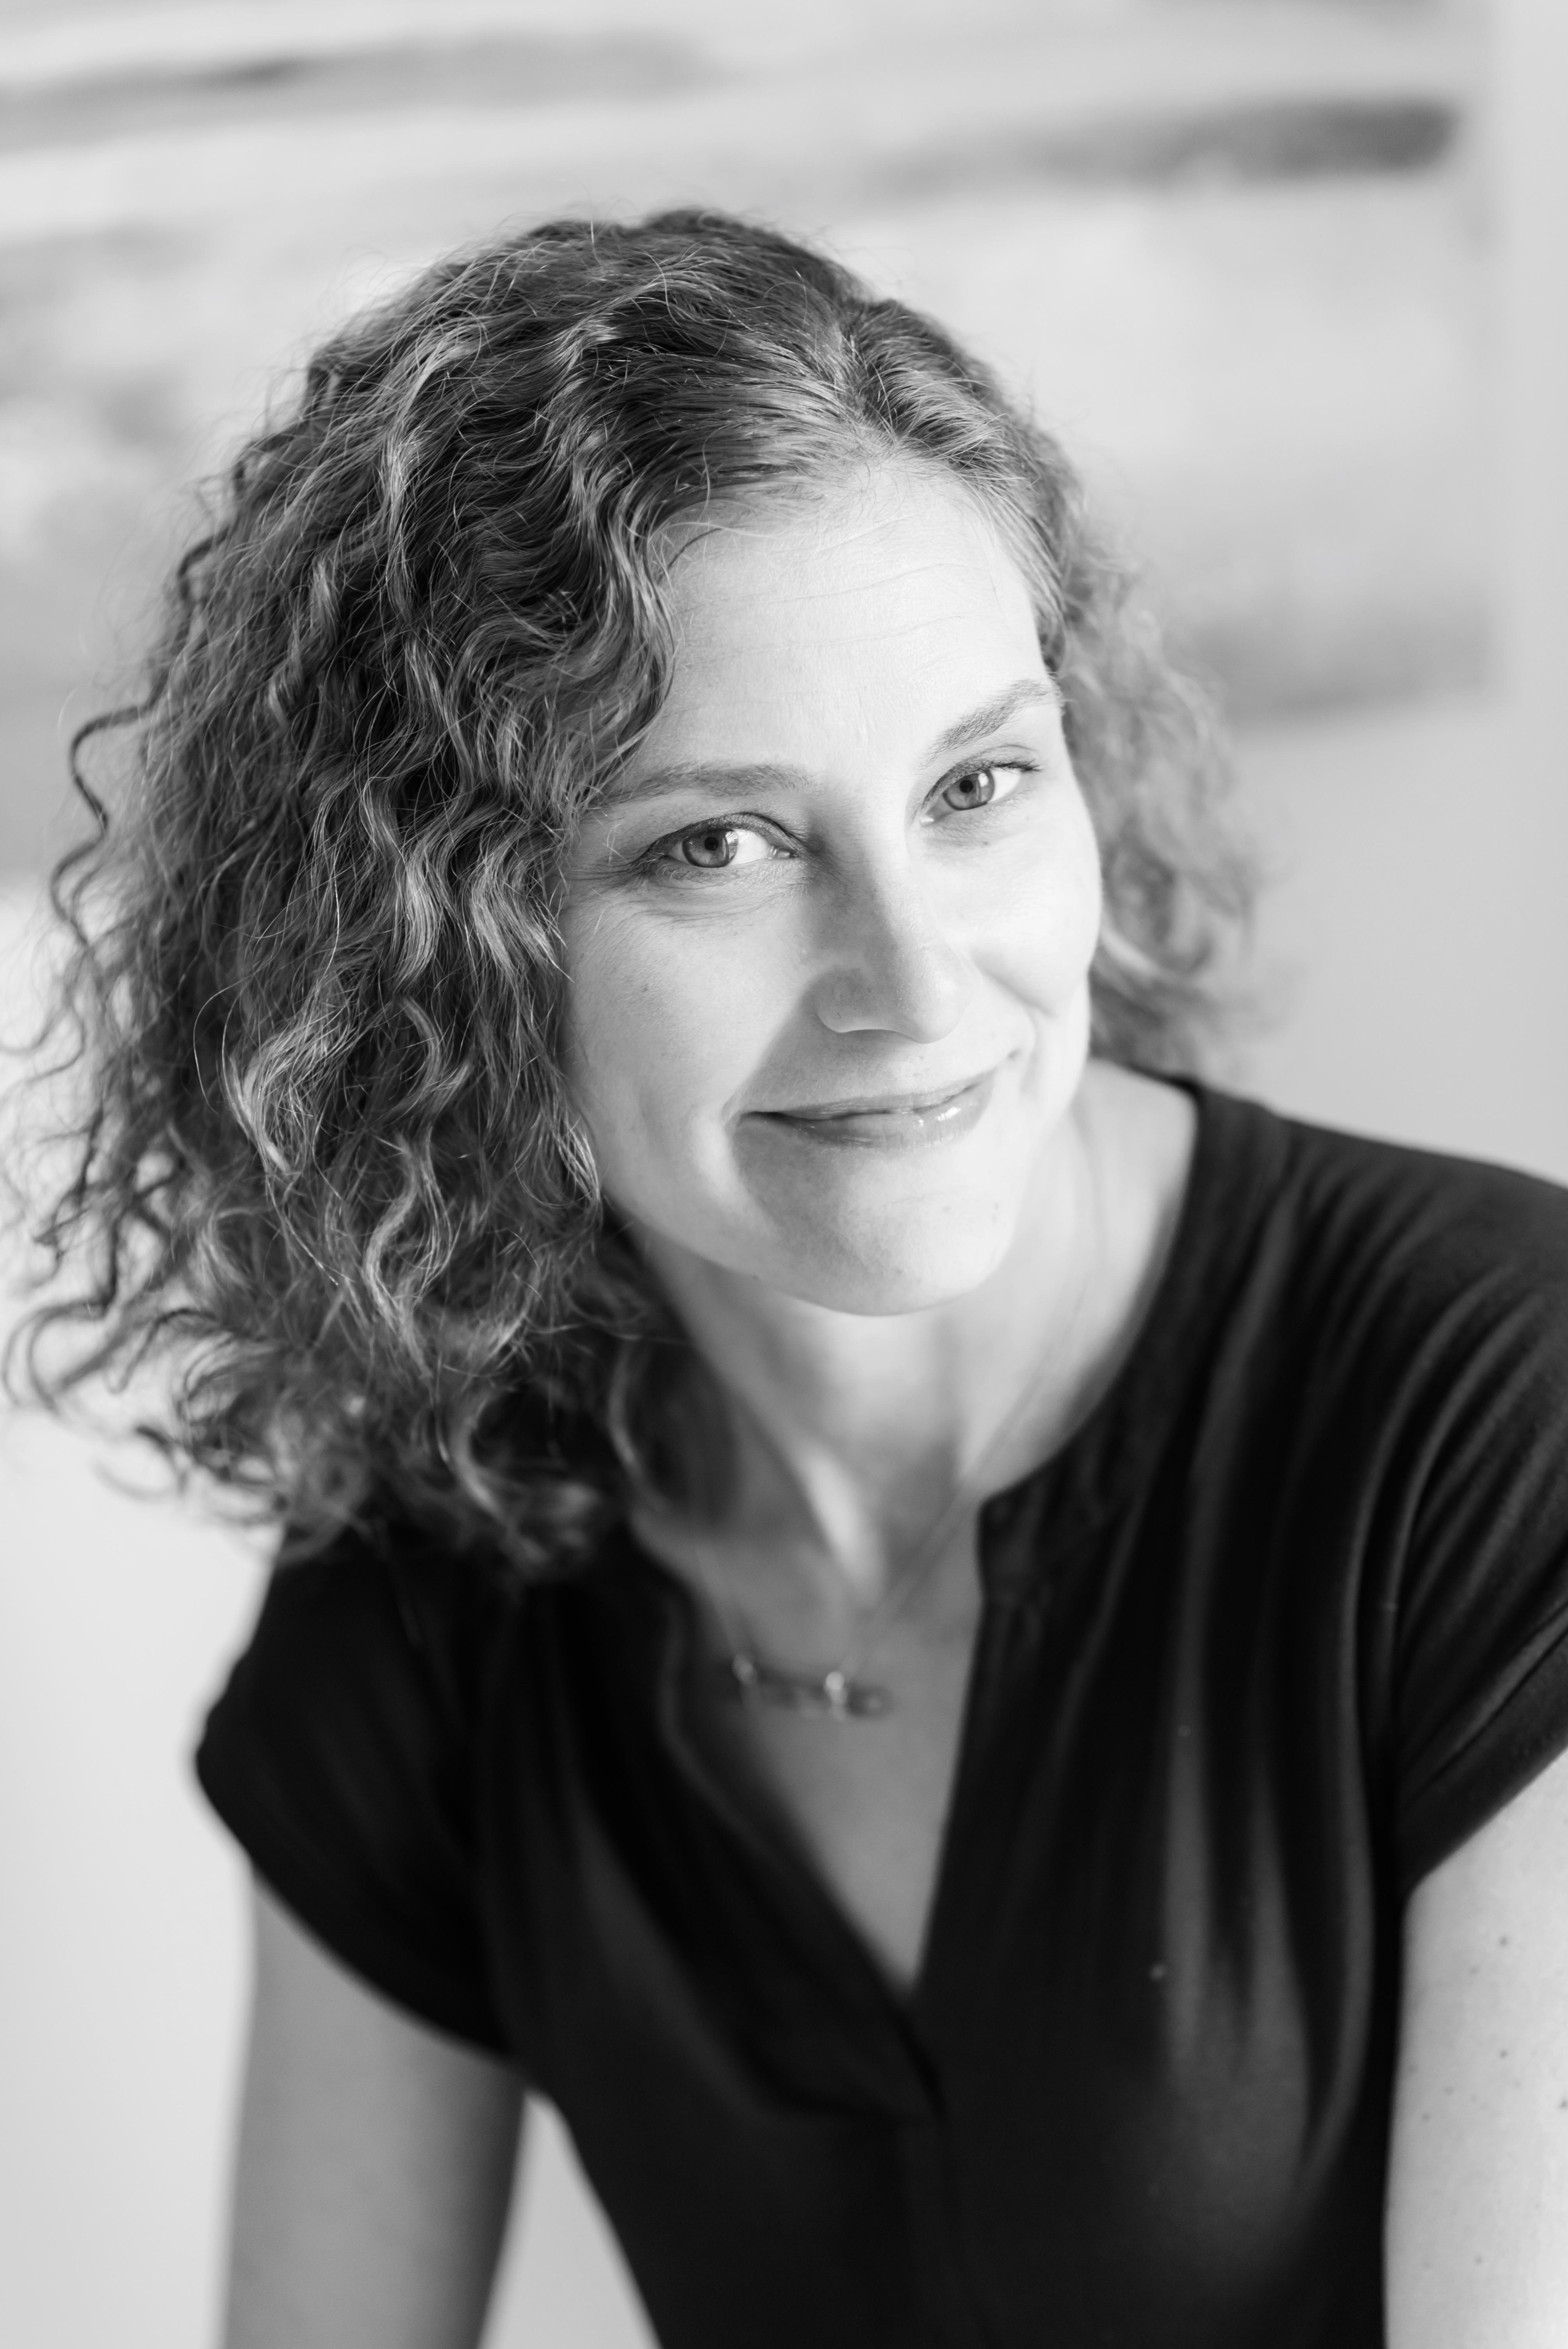 Teresa Phelps Martin